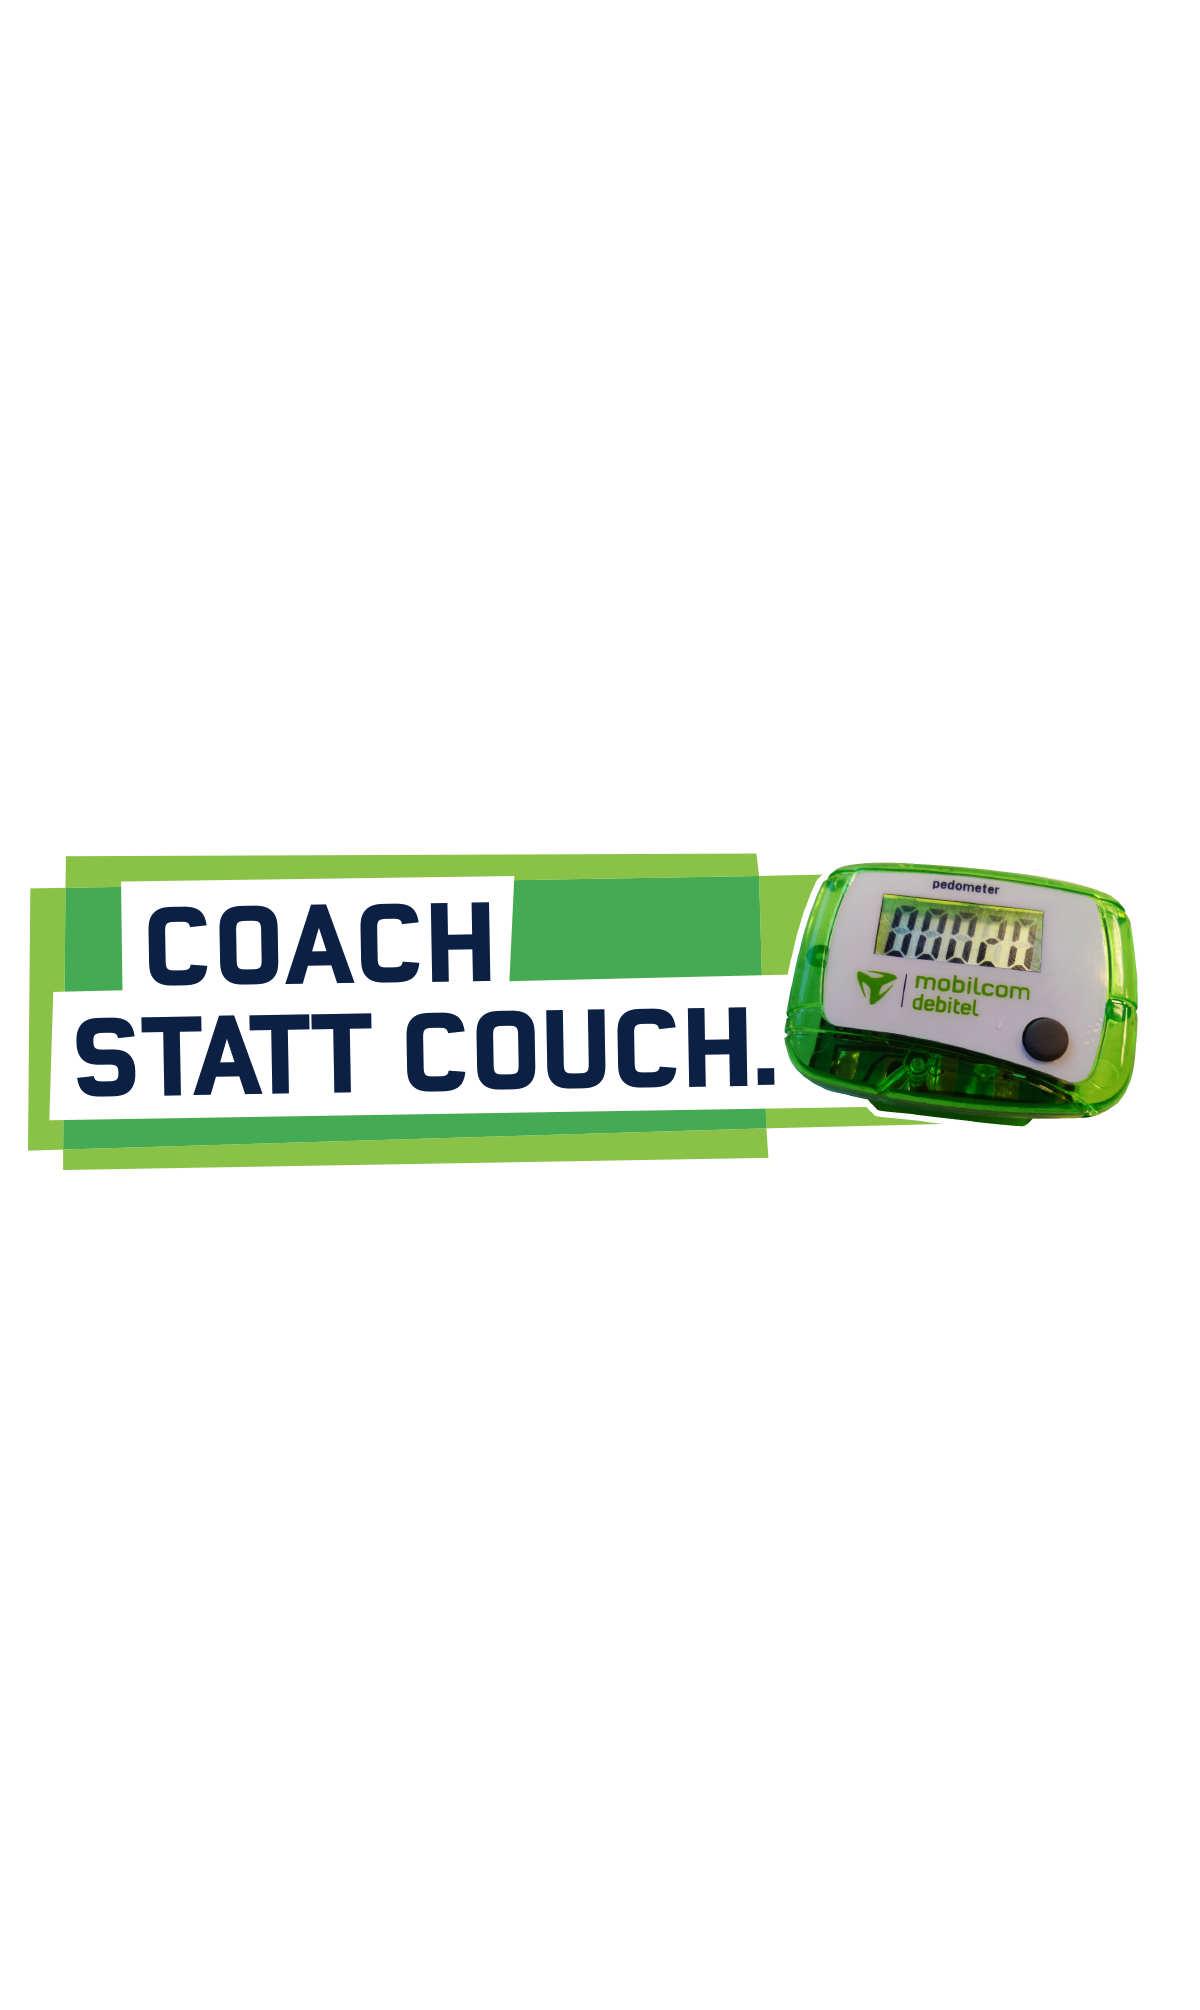 Mobilcom: Coach statt Couch